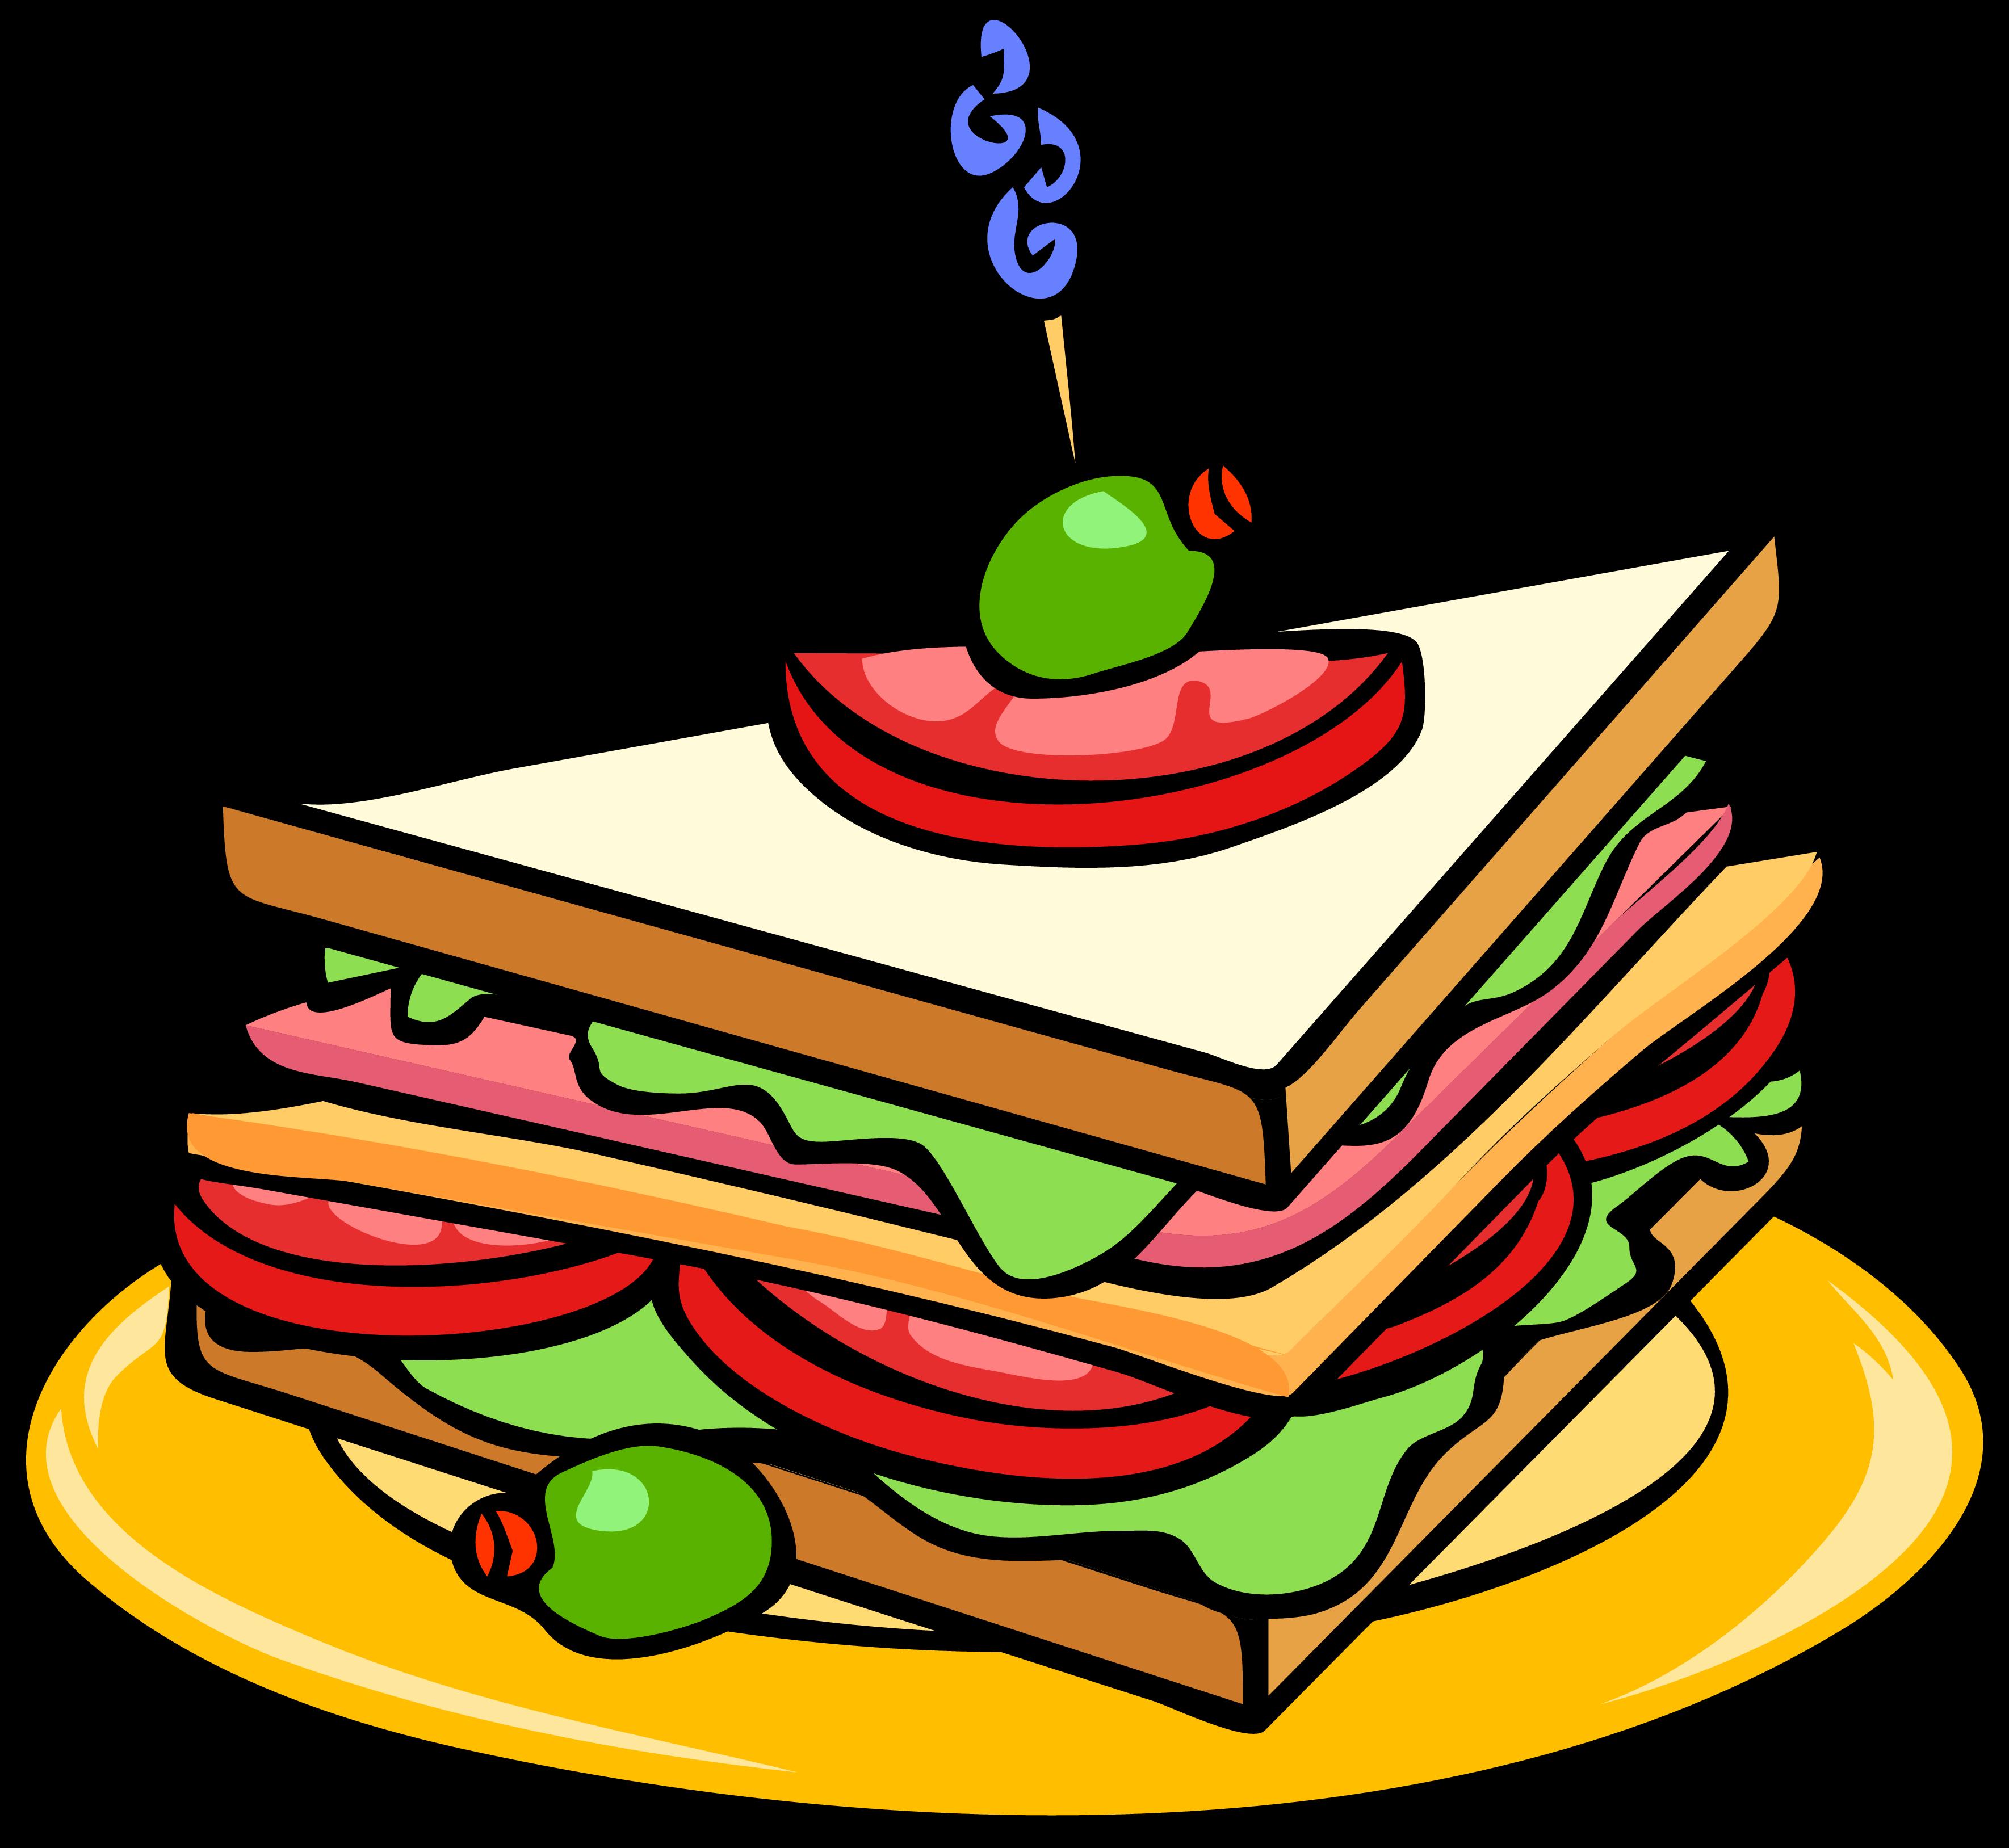 Sandwich clipart almuerzo, Sandwich almuerzo Transparent FREE for.